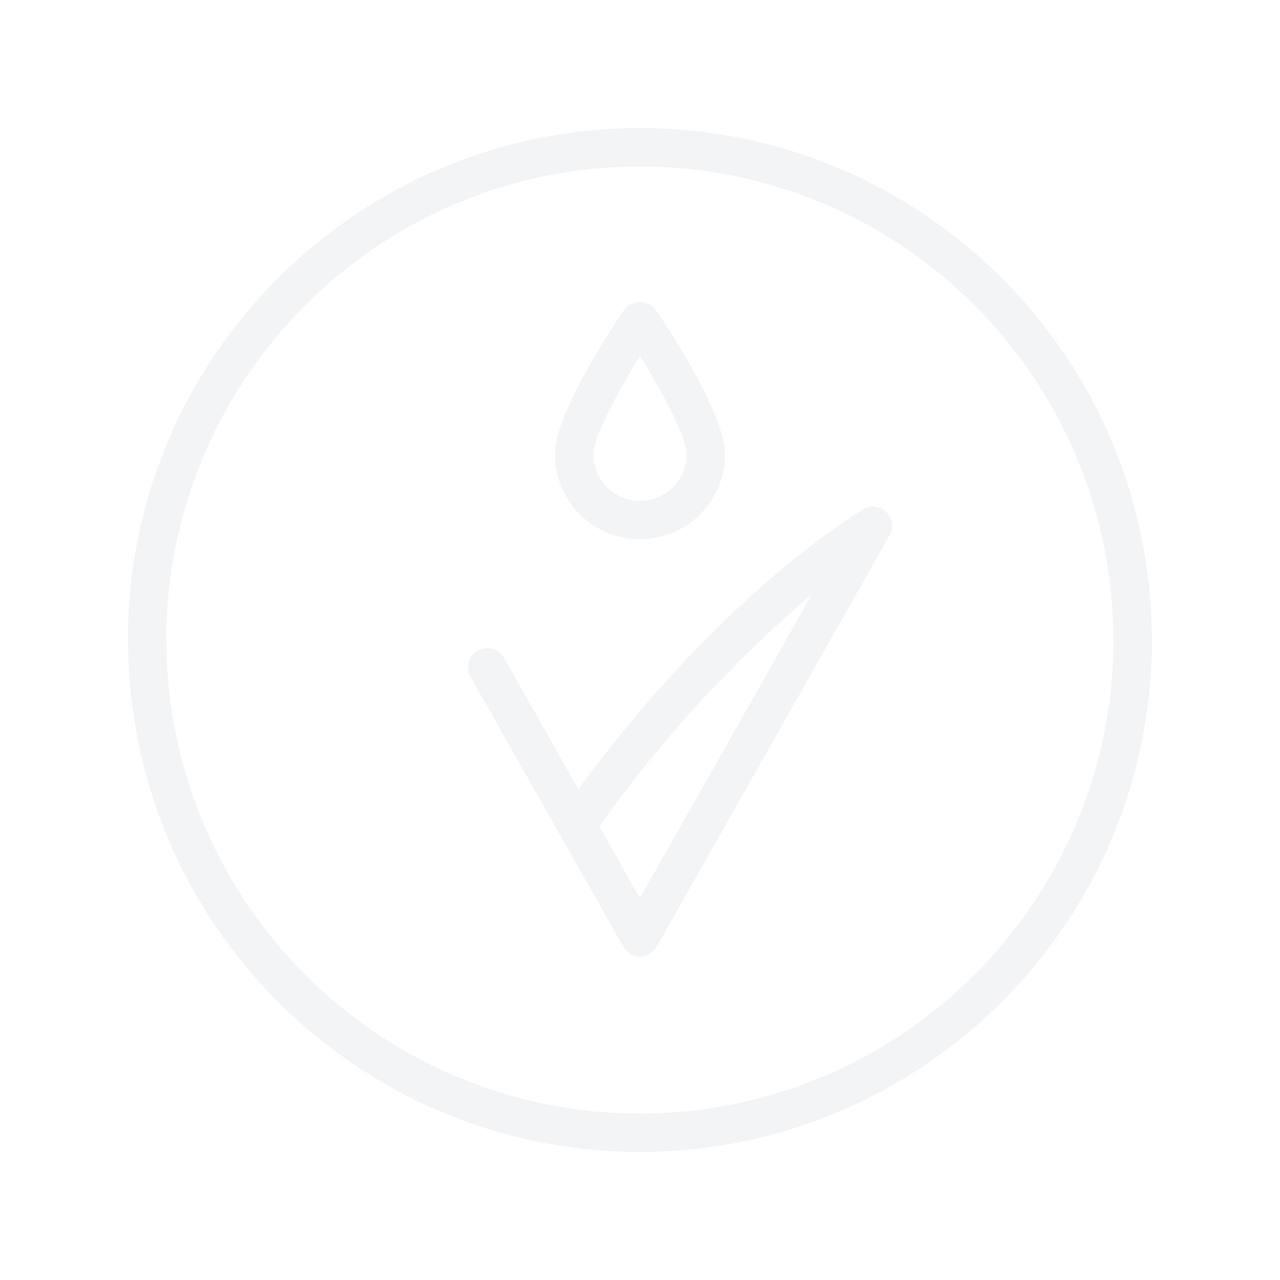 CAROLINA HERRERA 212 VIP 50ml Eau De Parfum Gift Set